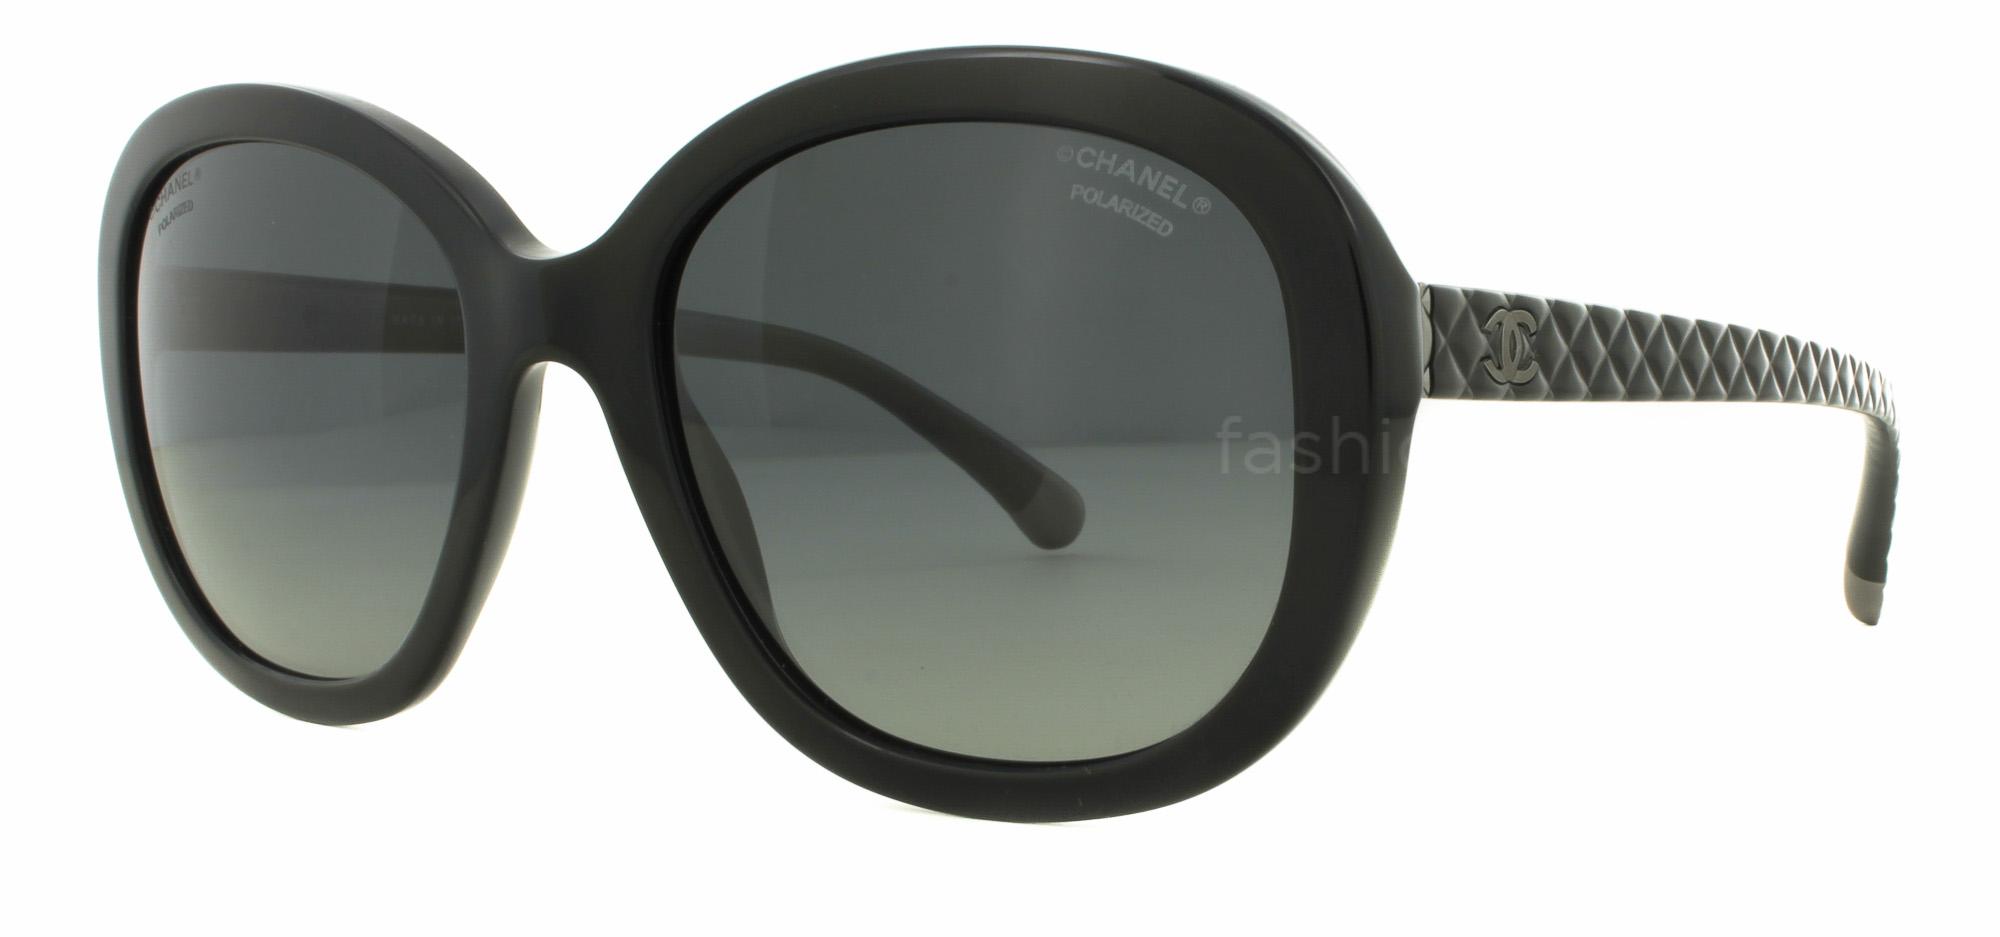 f83cba7f364fa Chanel 5328 Sunglasses